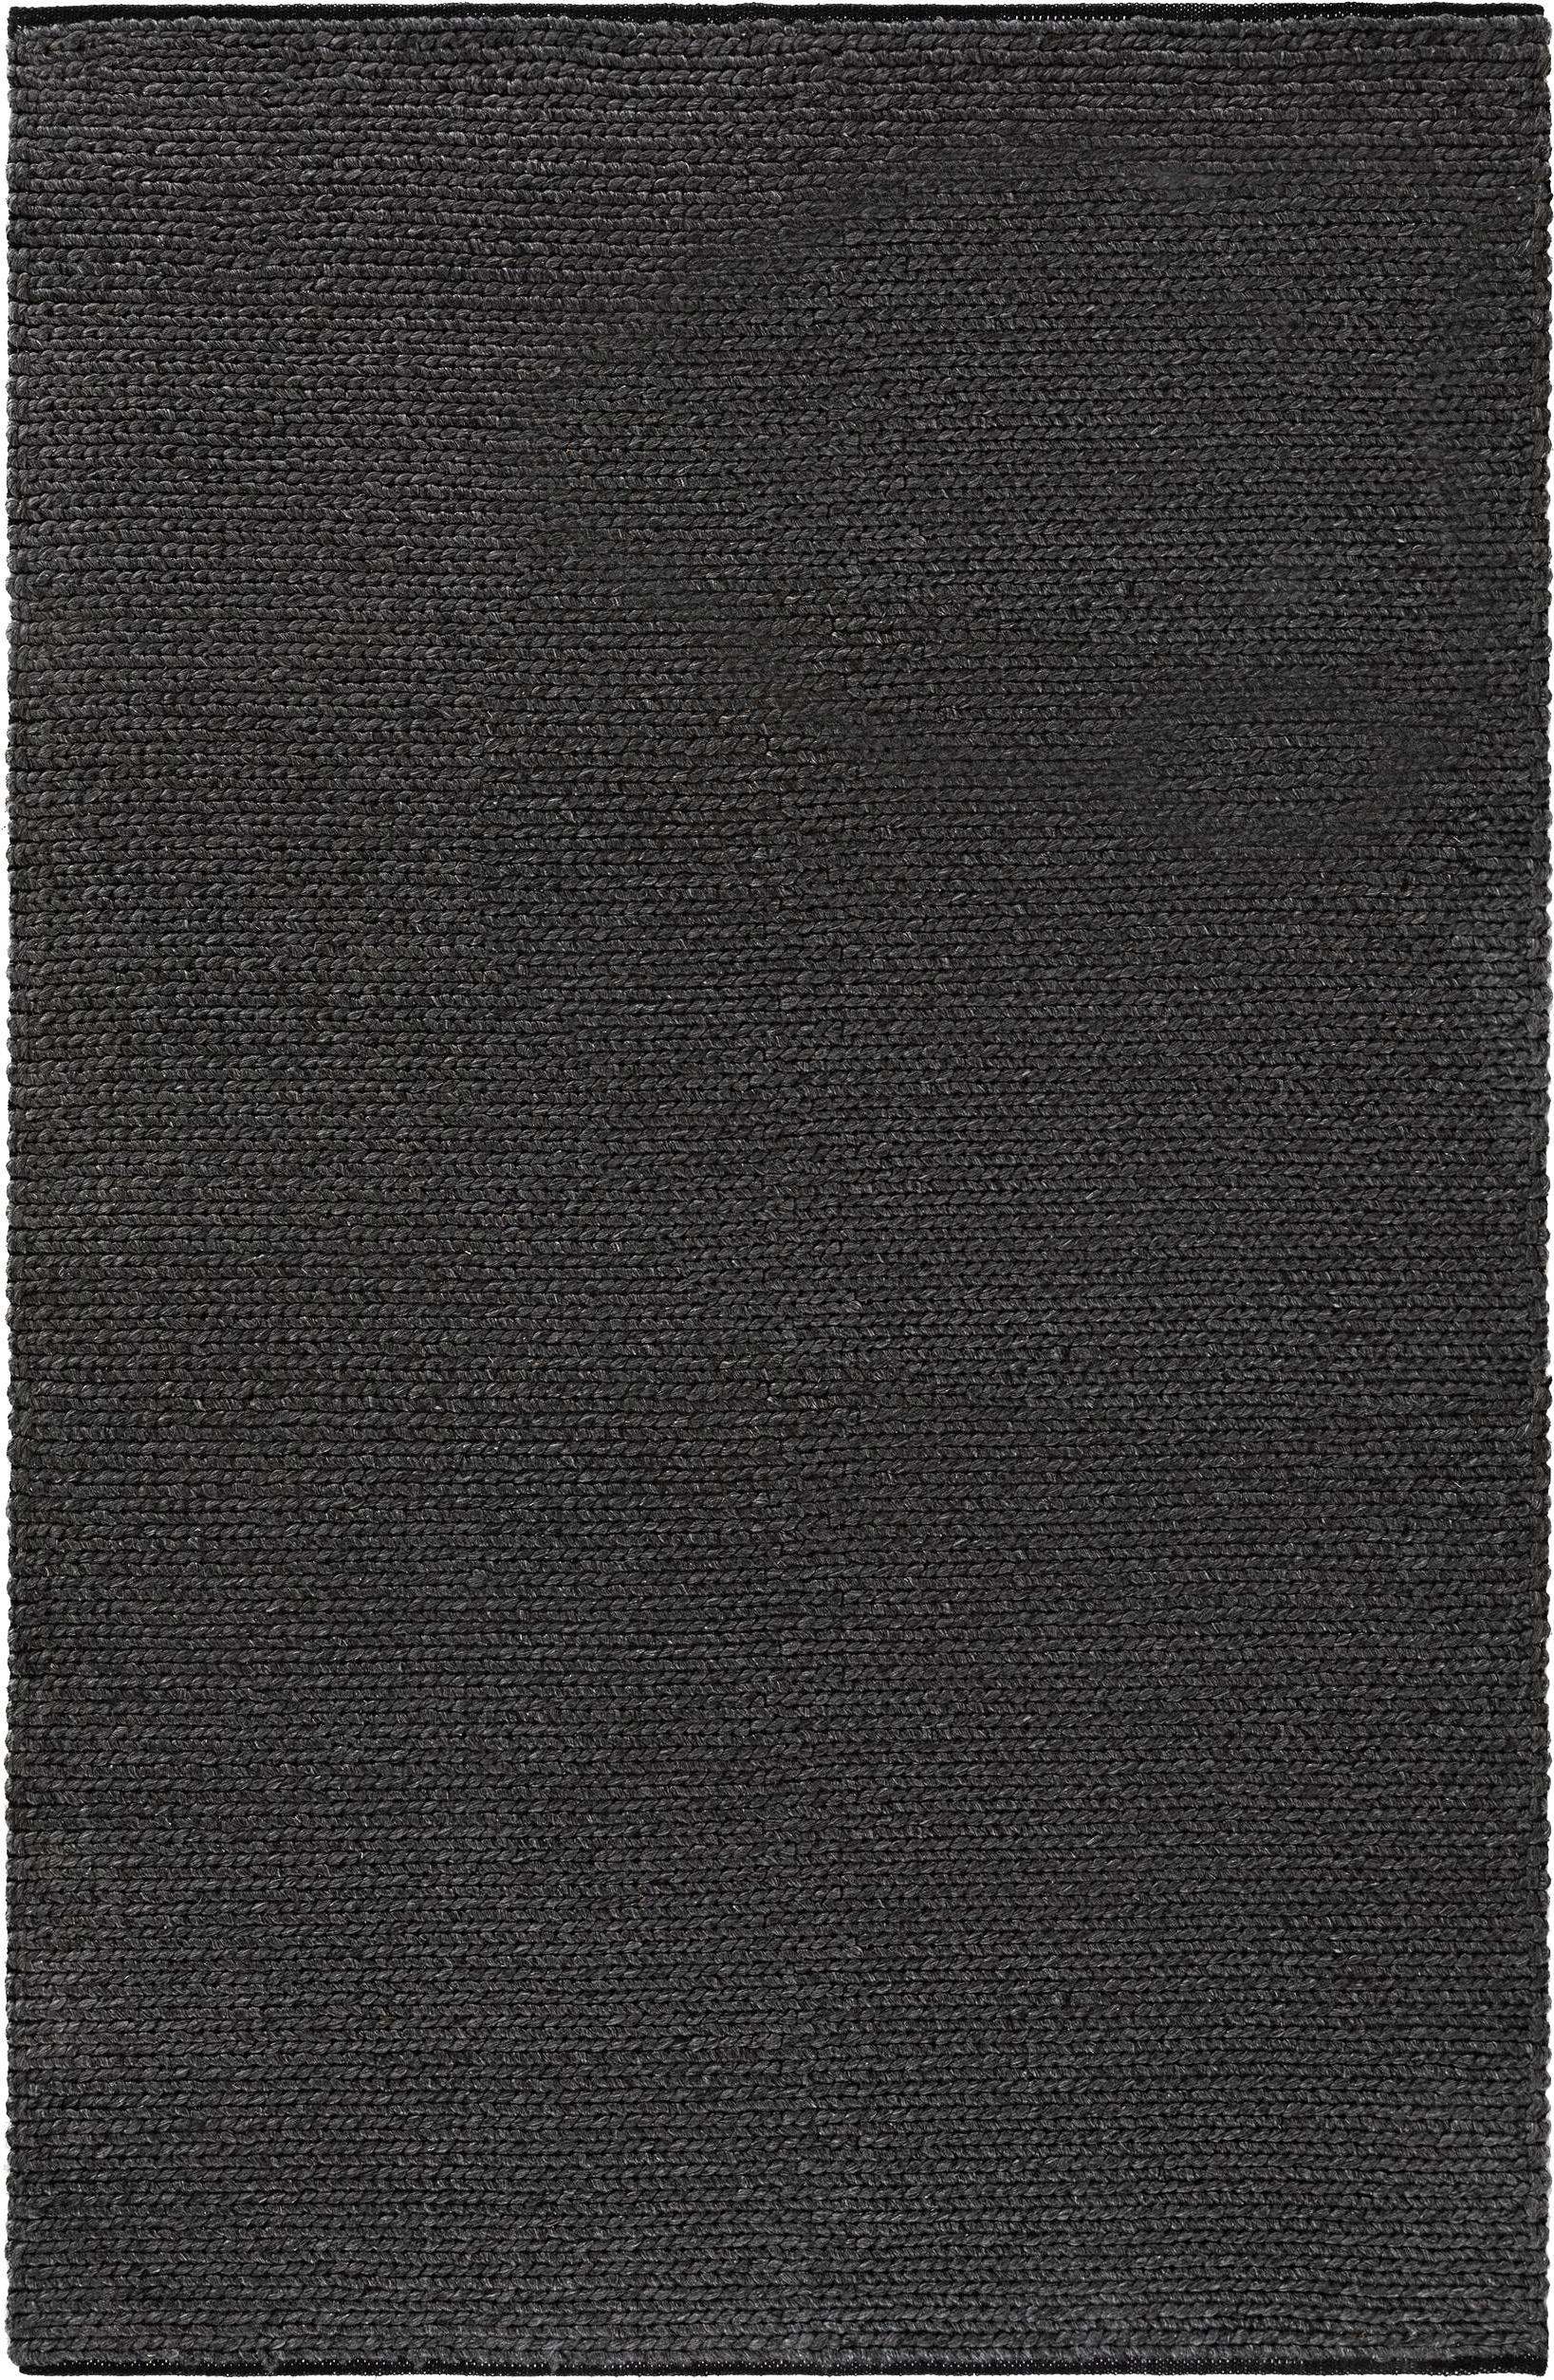 Tappeto in lana tessuto a mano Uno, 60% lana, 40% poliestere, Grigio scuro, melangiato, Larg. 120 x Lung. 170 cm (taglia S)